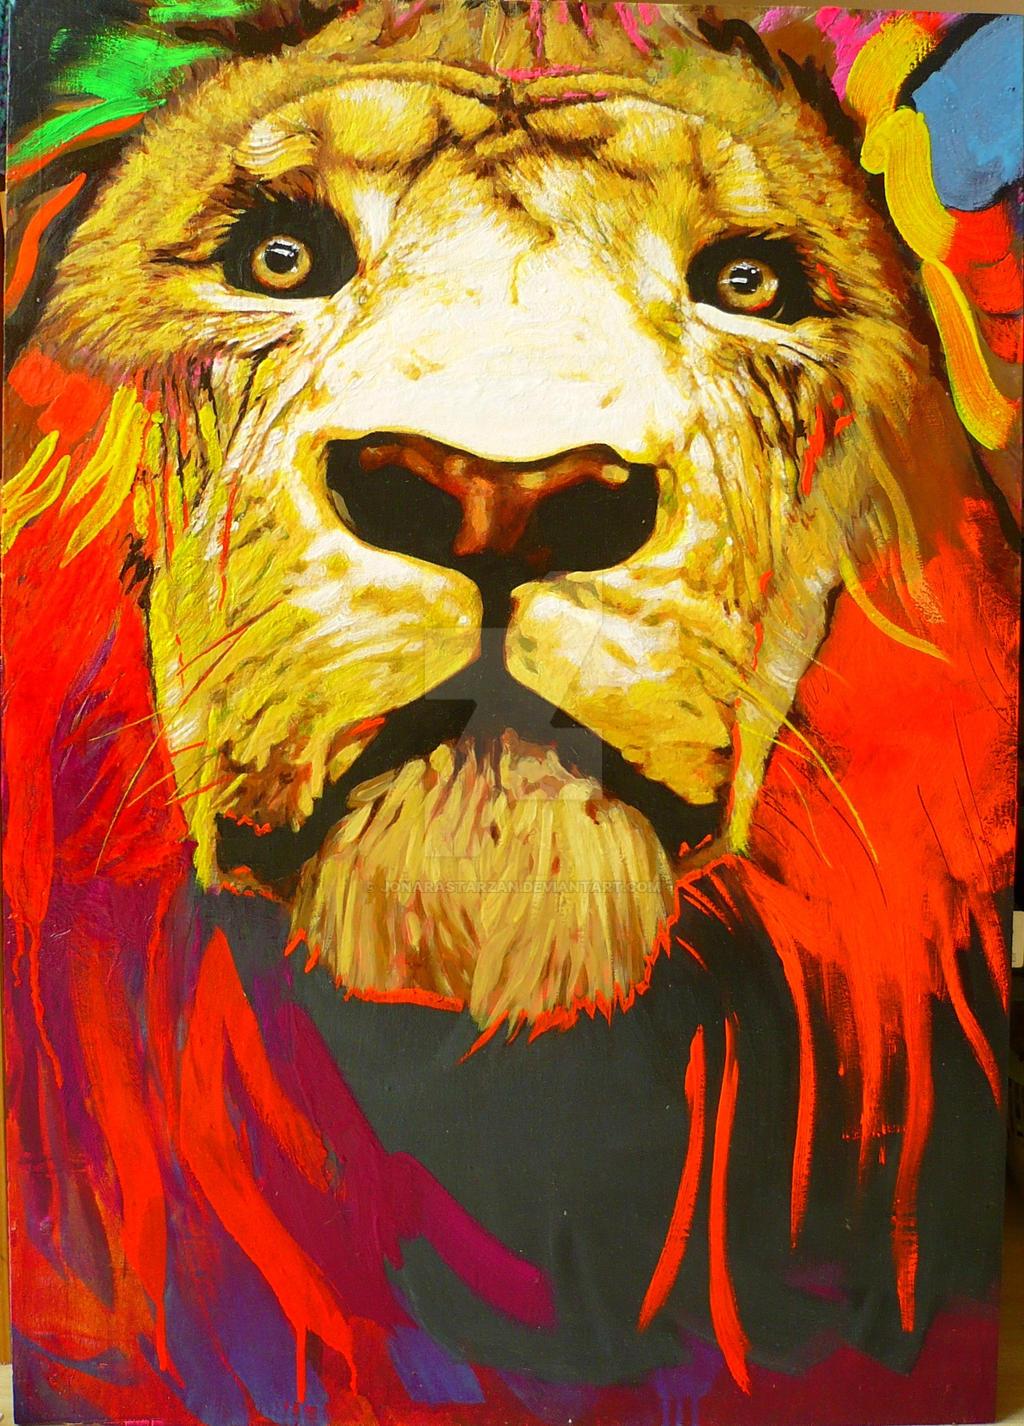 Lion awakes (day light)